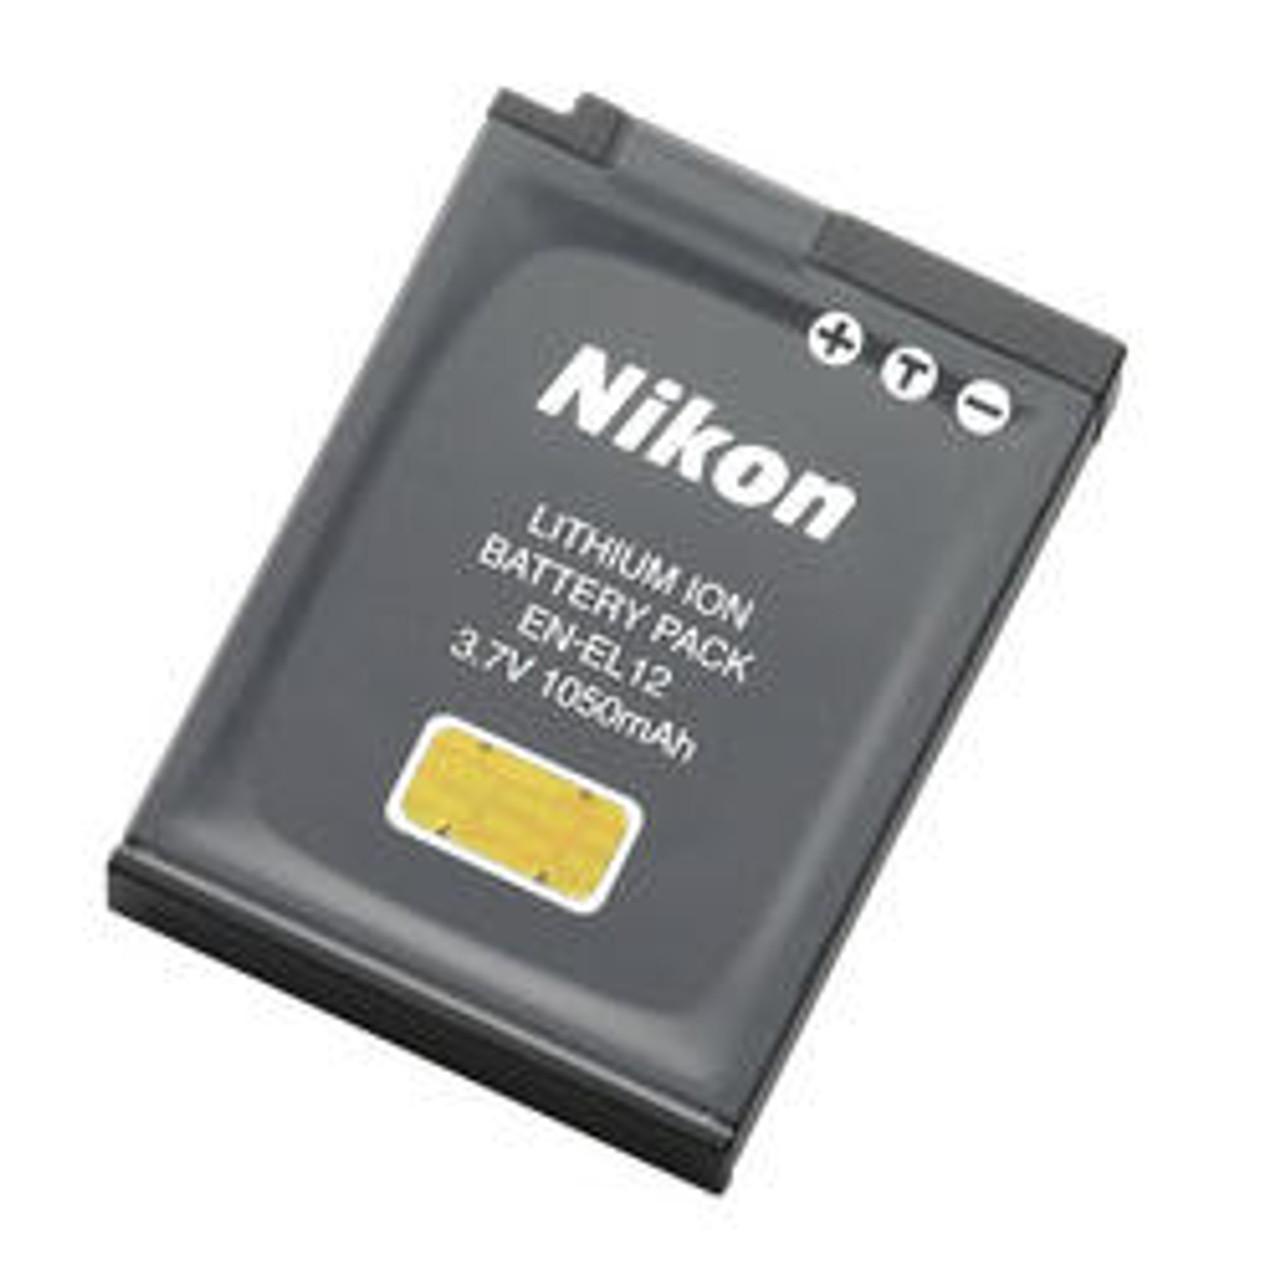 Nikon EN-EL12 Battery Pack